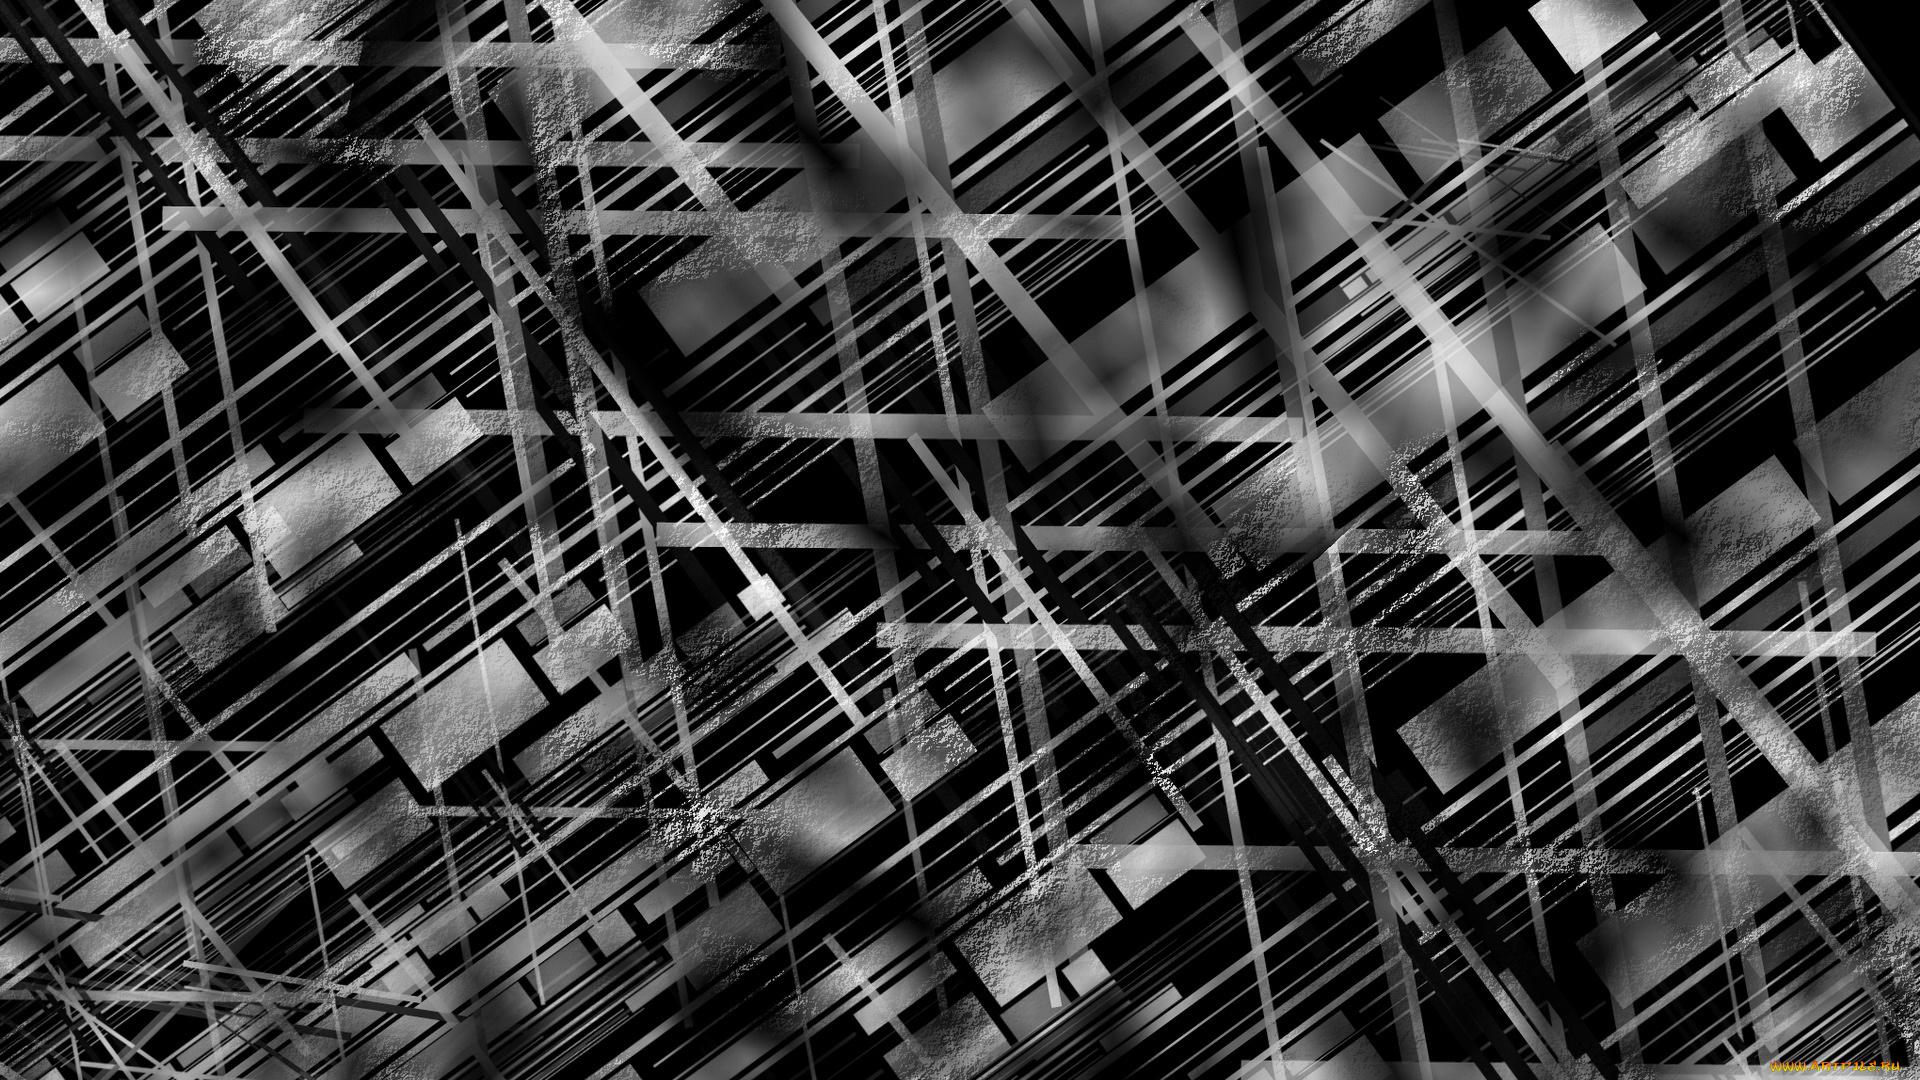 графика текстура линии загрузить